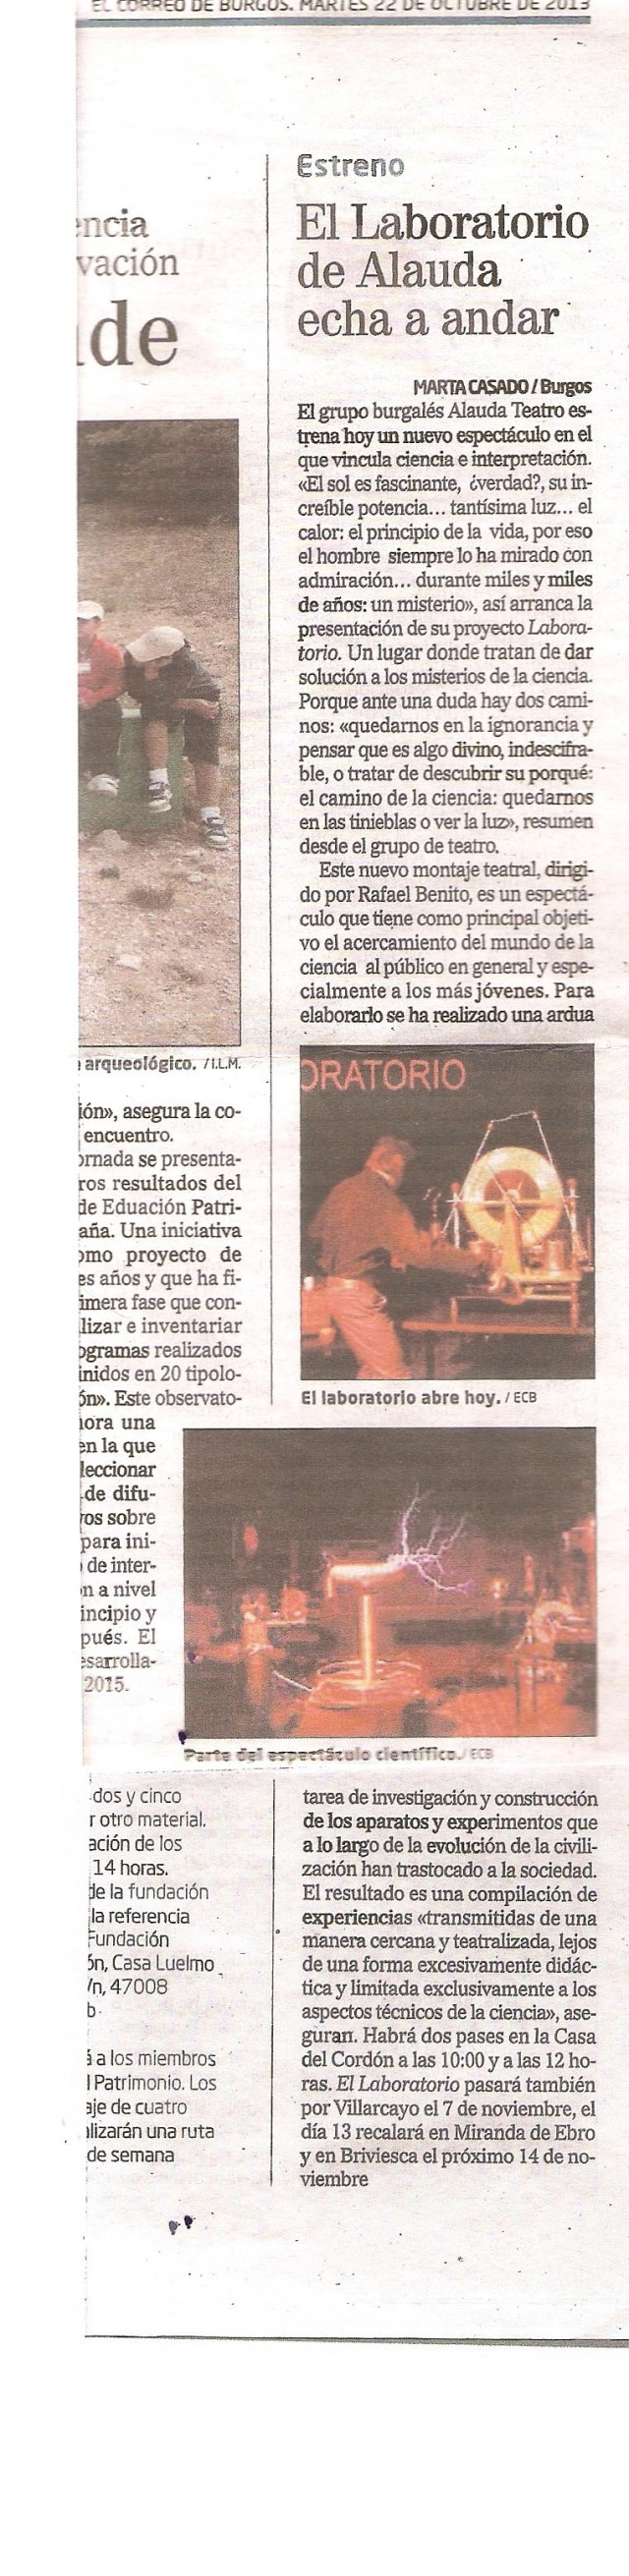 Laboratorio Correo de Burgos 22 de octubre 2013